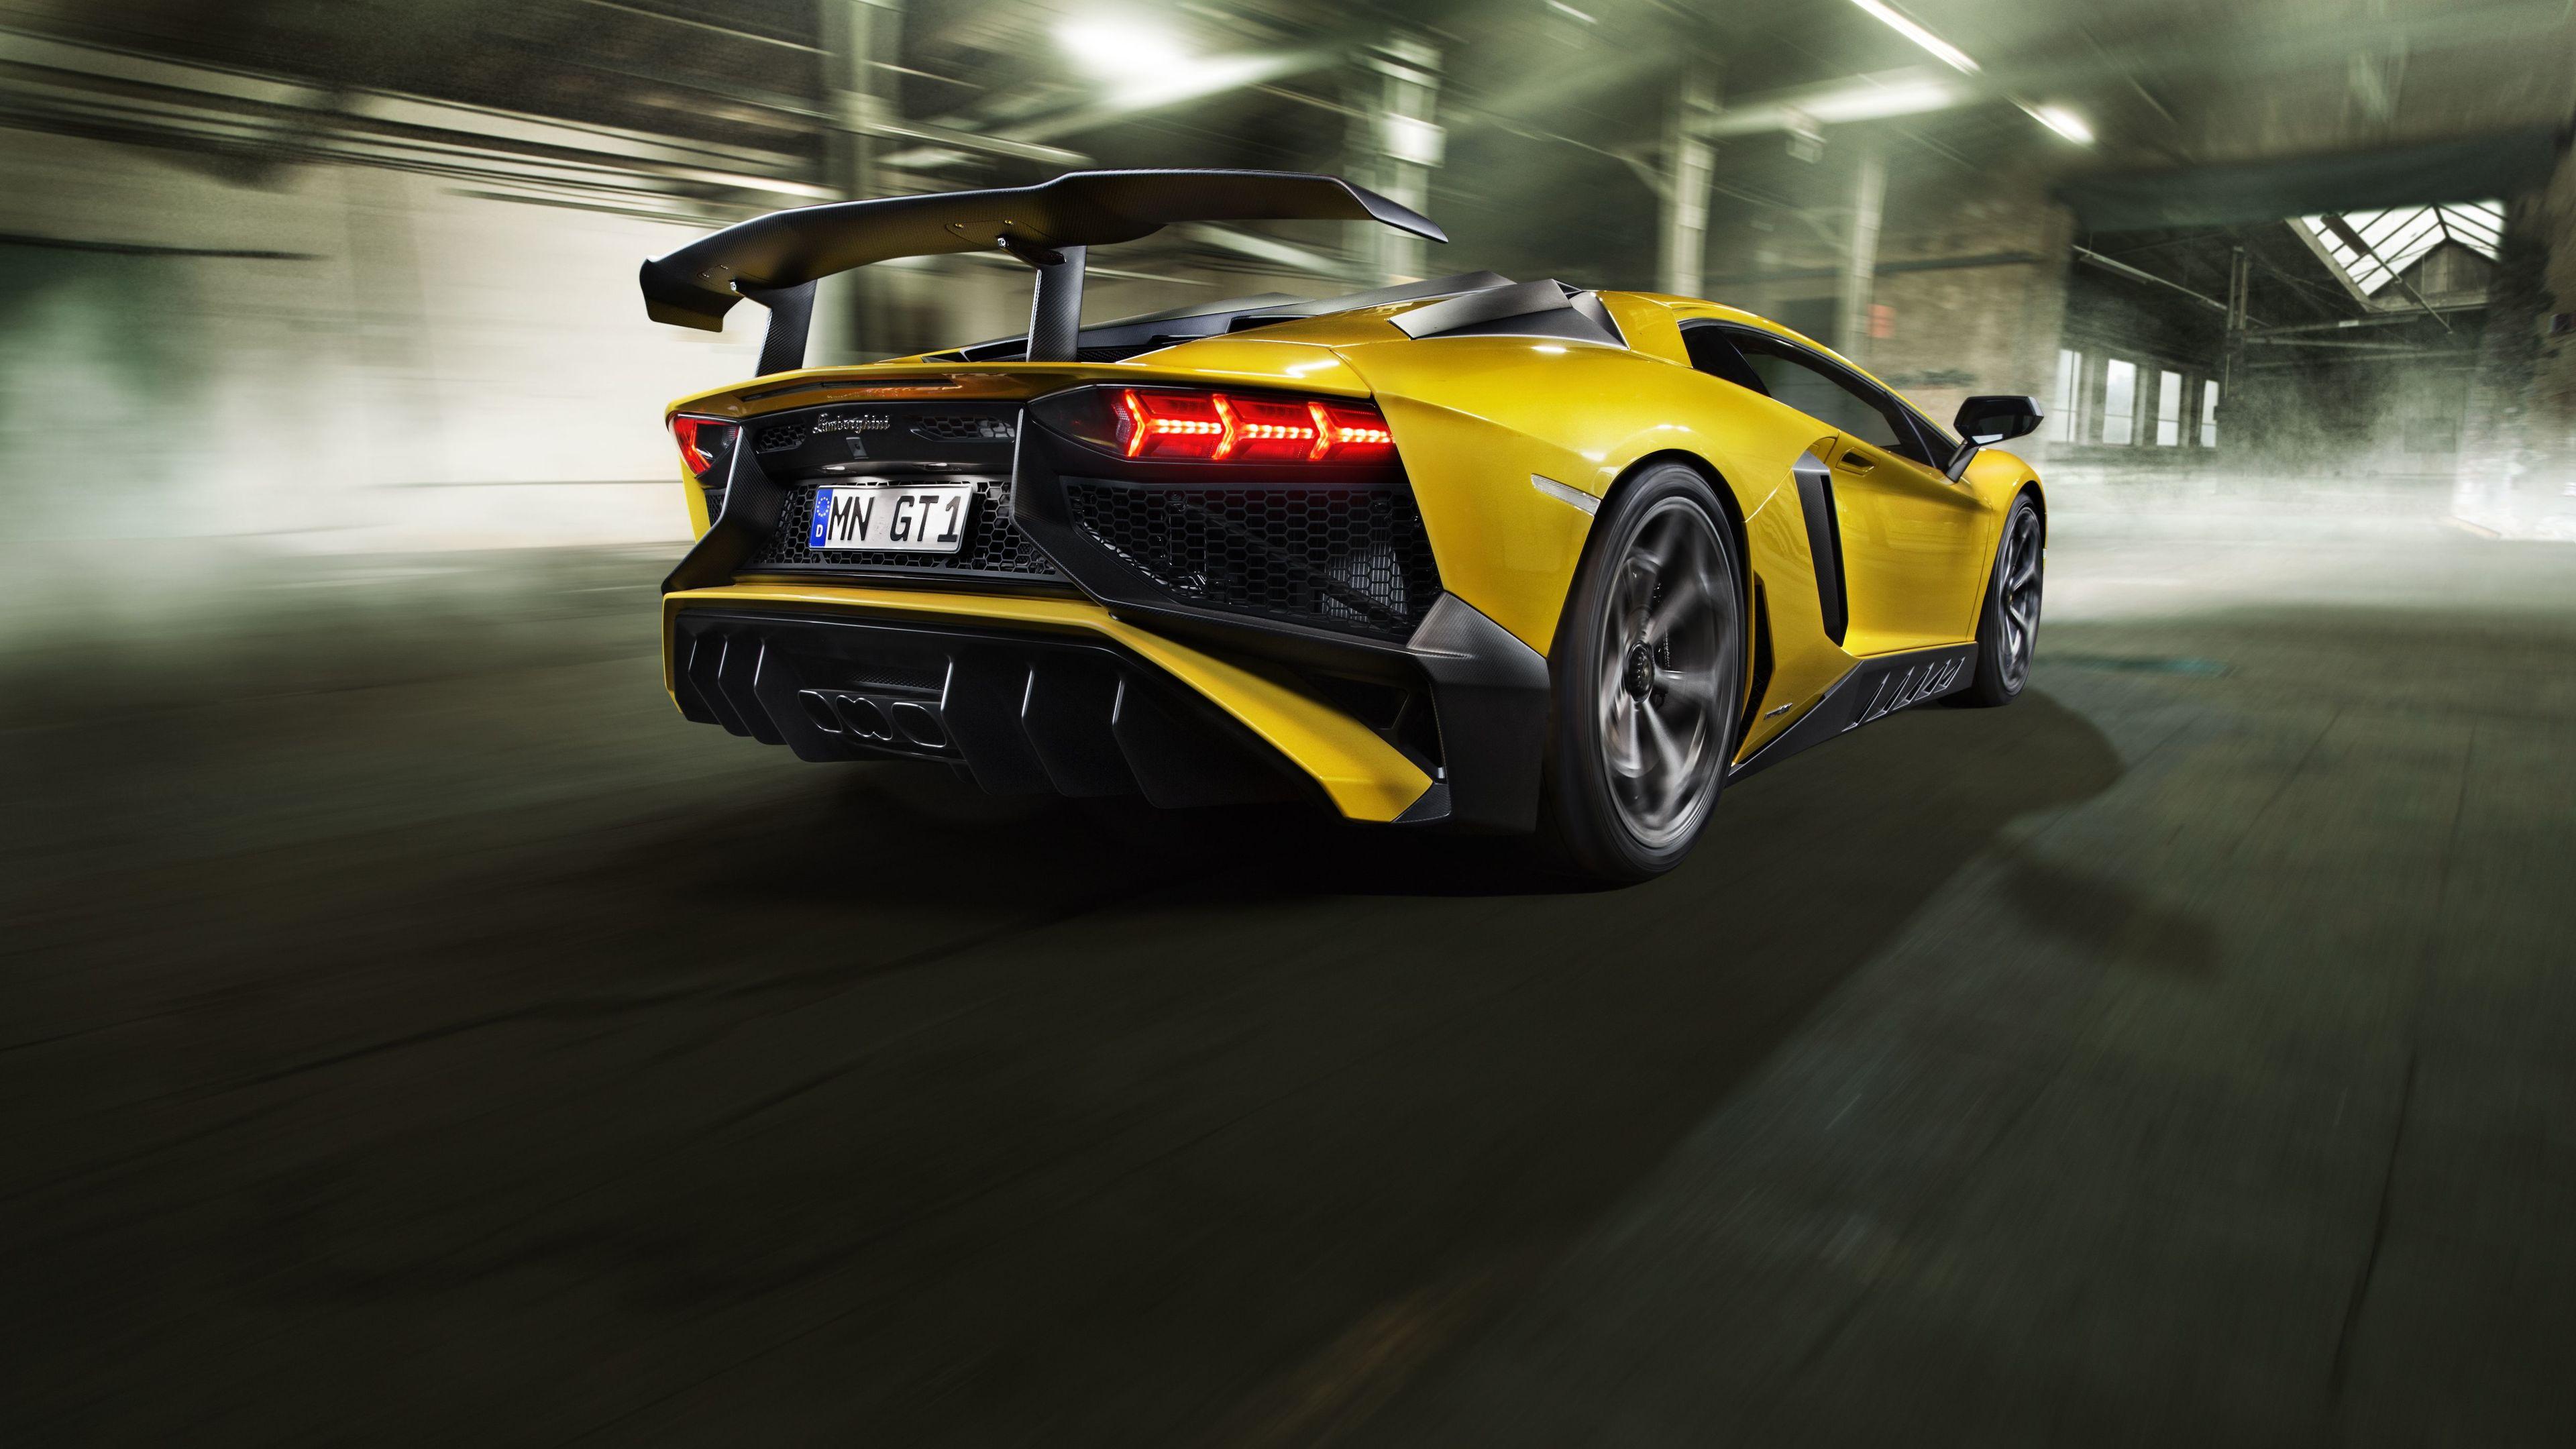 lamborghini aventador sv powerkit rear 1539112146 - Lamborghini Aventador SV Powerkit Rear - lamborghini wallpapers, lamborghini aventador wallpapers, hd-wallpapers, cars wallpapers, 4k-wallpapers